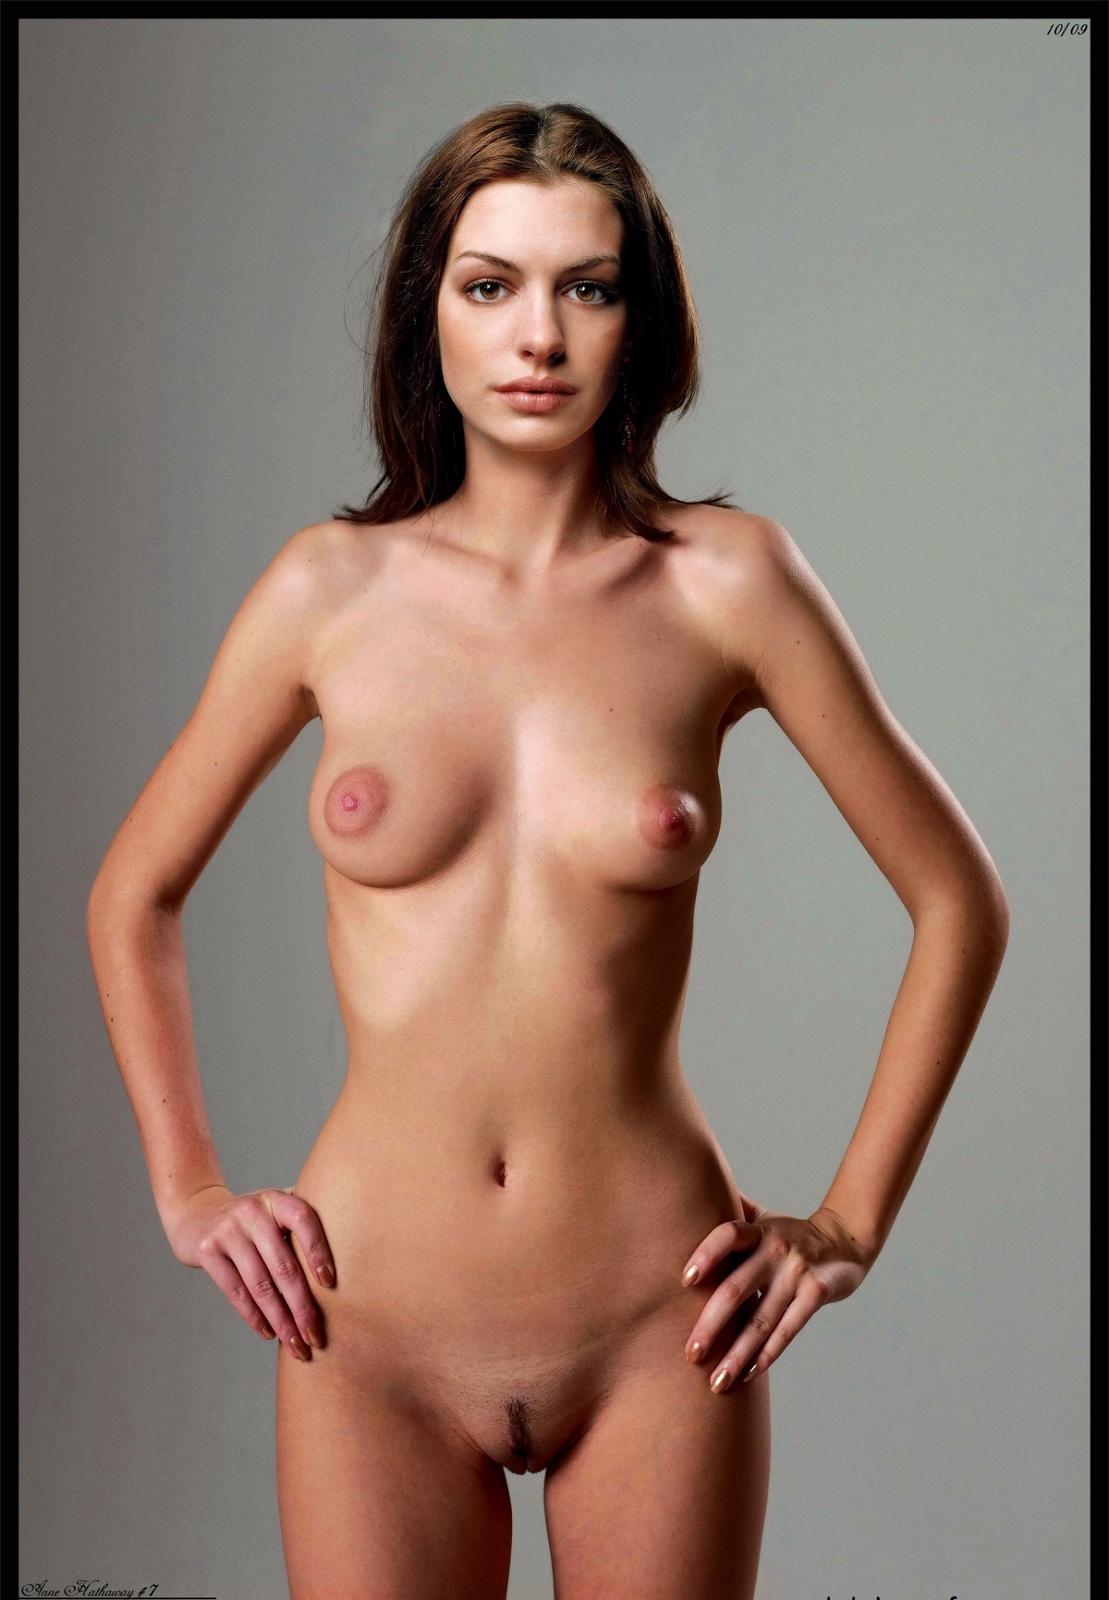 China Anne Mcclain Nude Pics Megapornxcom